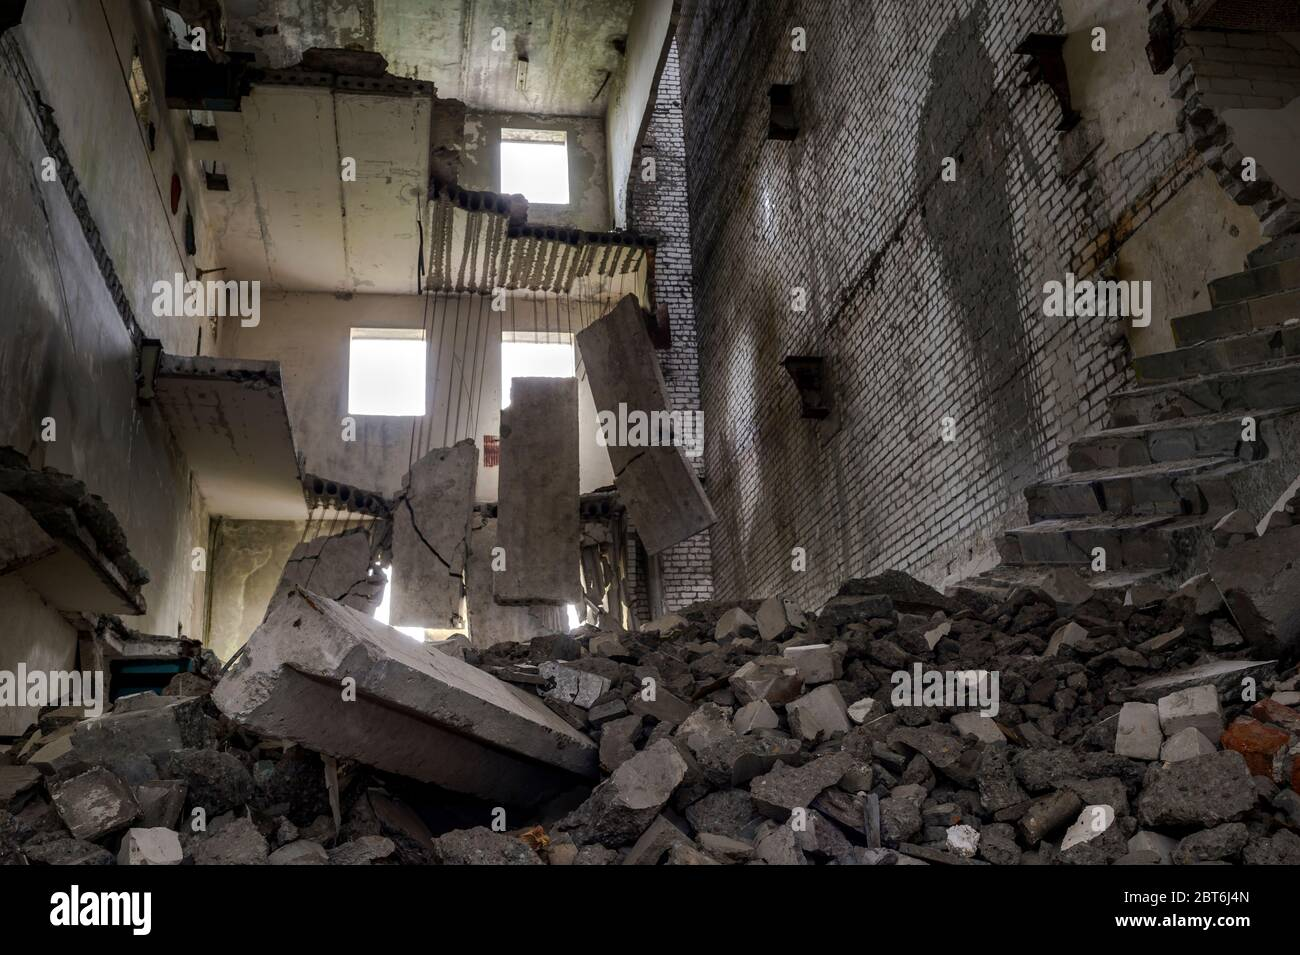 Bâtiment en béton détruit à l'intérieur avec une pile de débris de construction au premier plan et d'énormes dalles de béton suspendues sur l'armature contre le mur arrière Banque D'Images